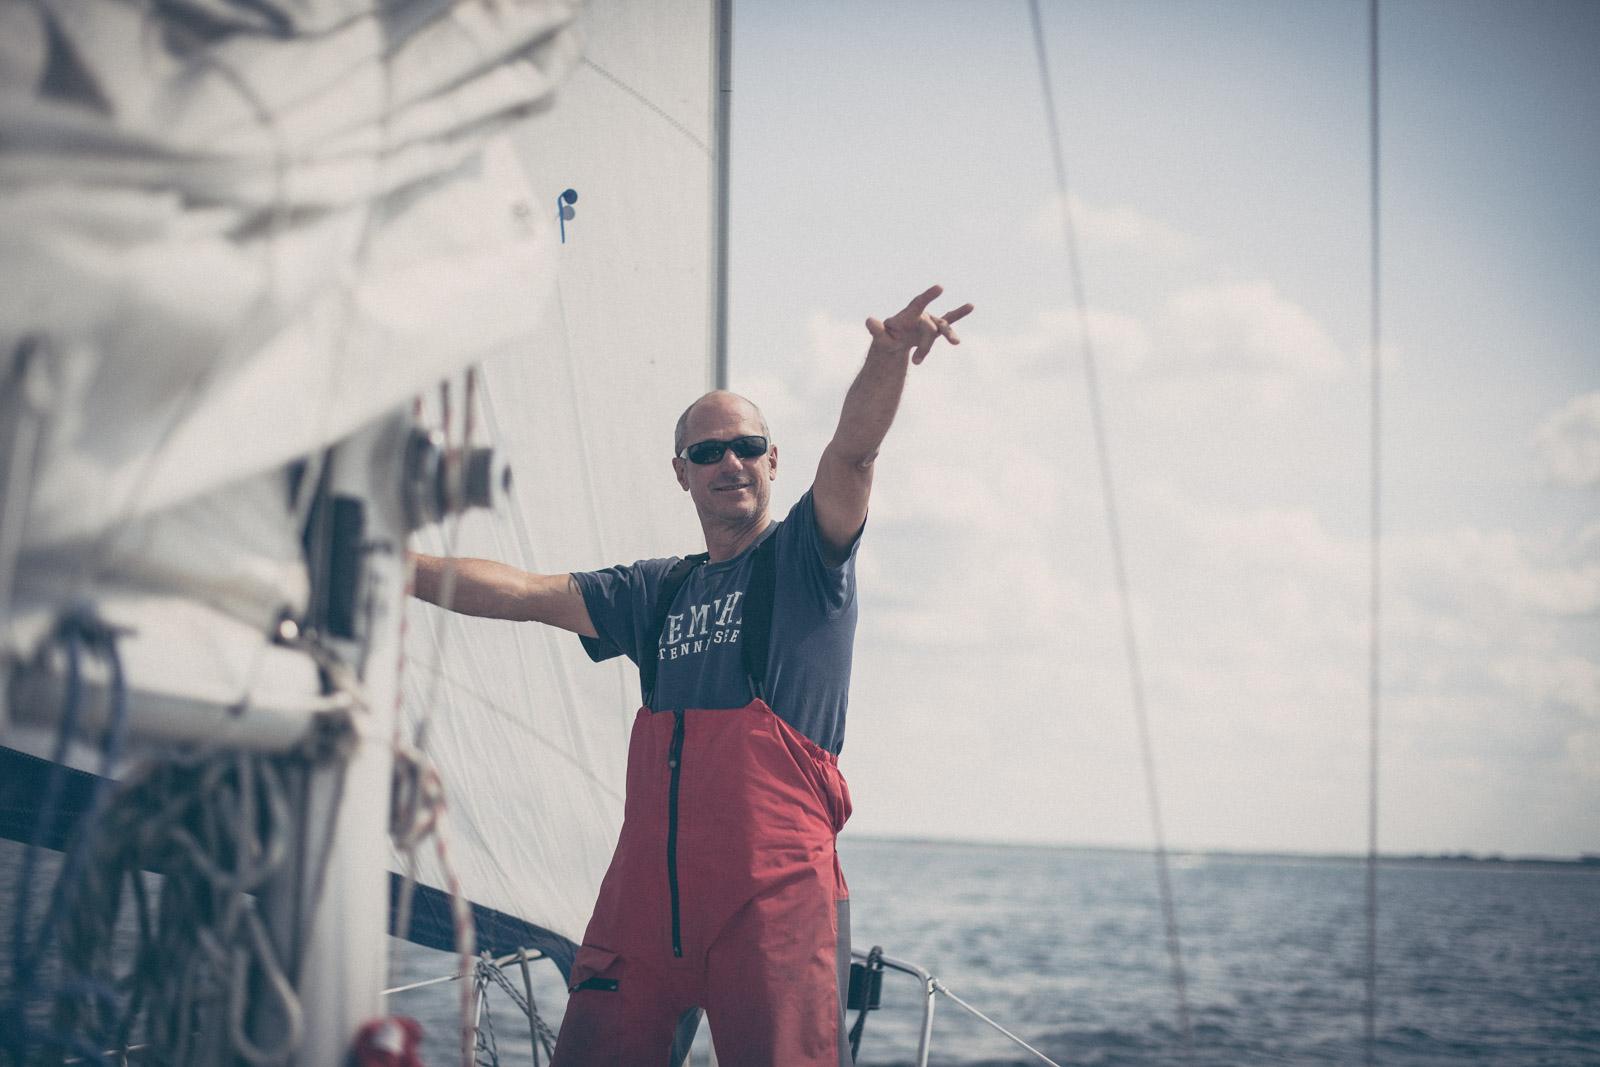 The Sailing Bassmann, Segeltour, Konzert